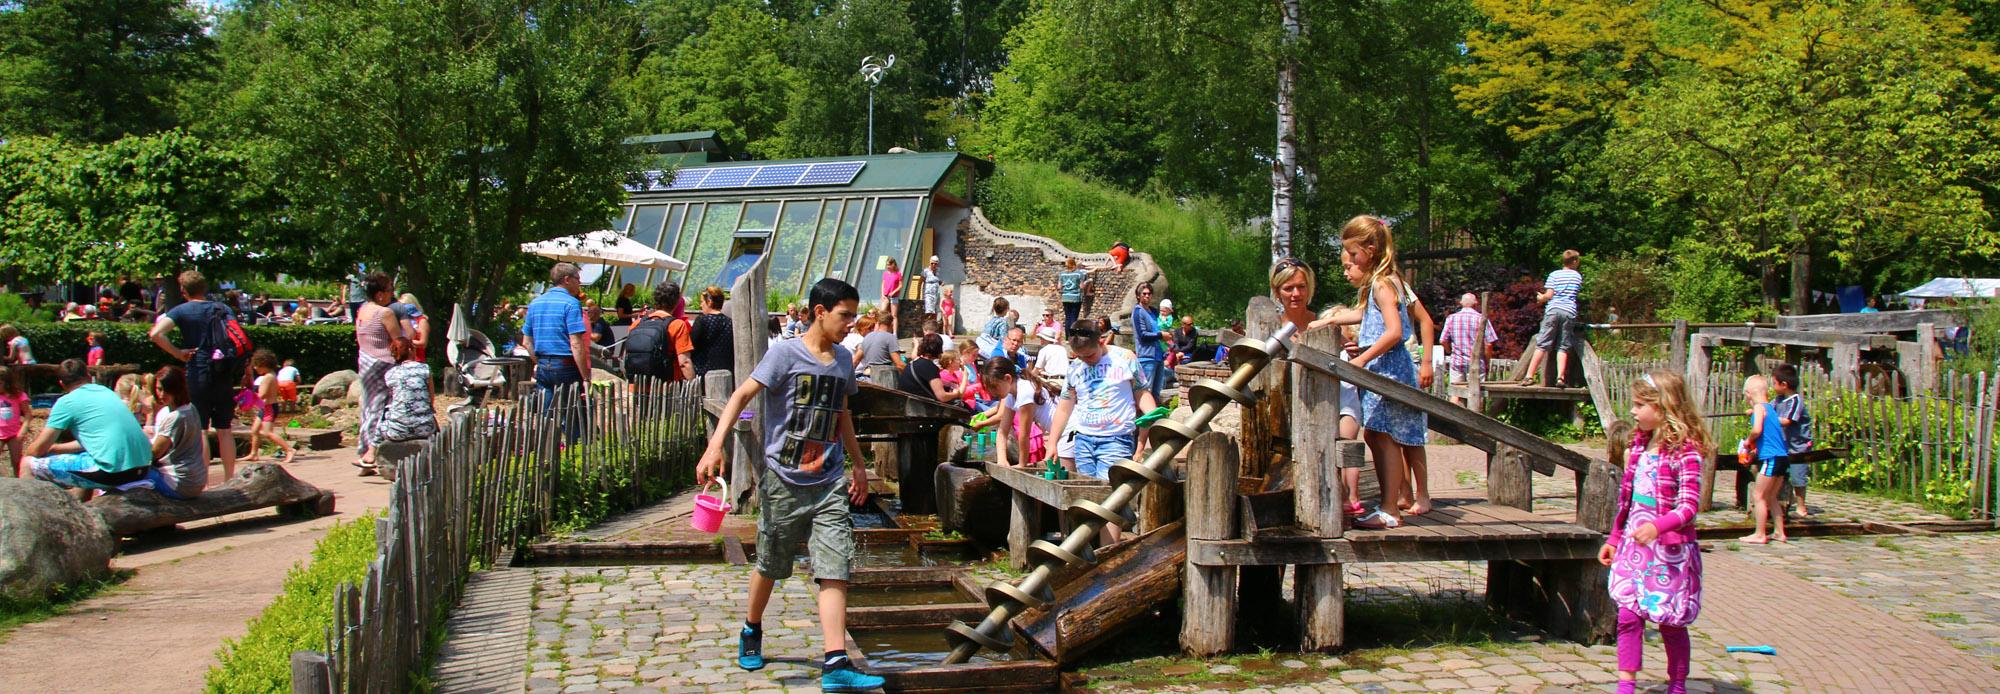 Doepark De Nooterhof-Zwolle